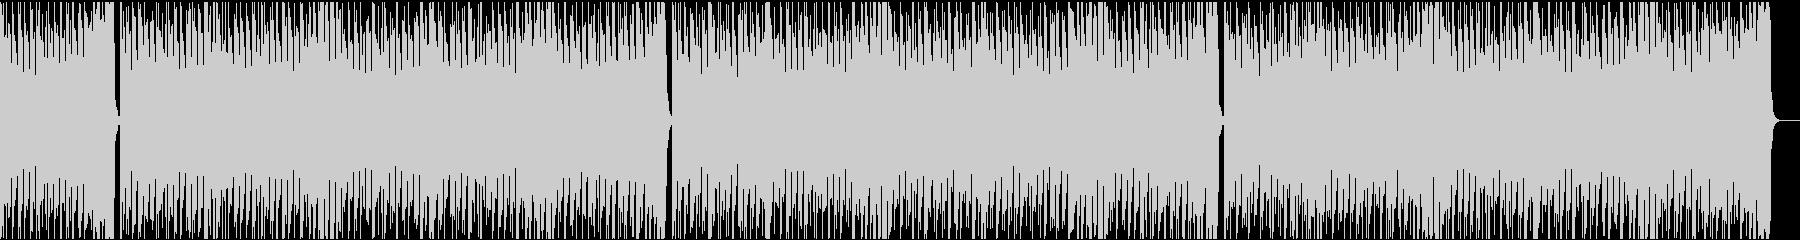 13秒でサビ、電子音ダーク/カラオケの未再生の波形